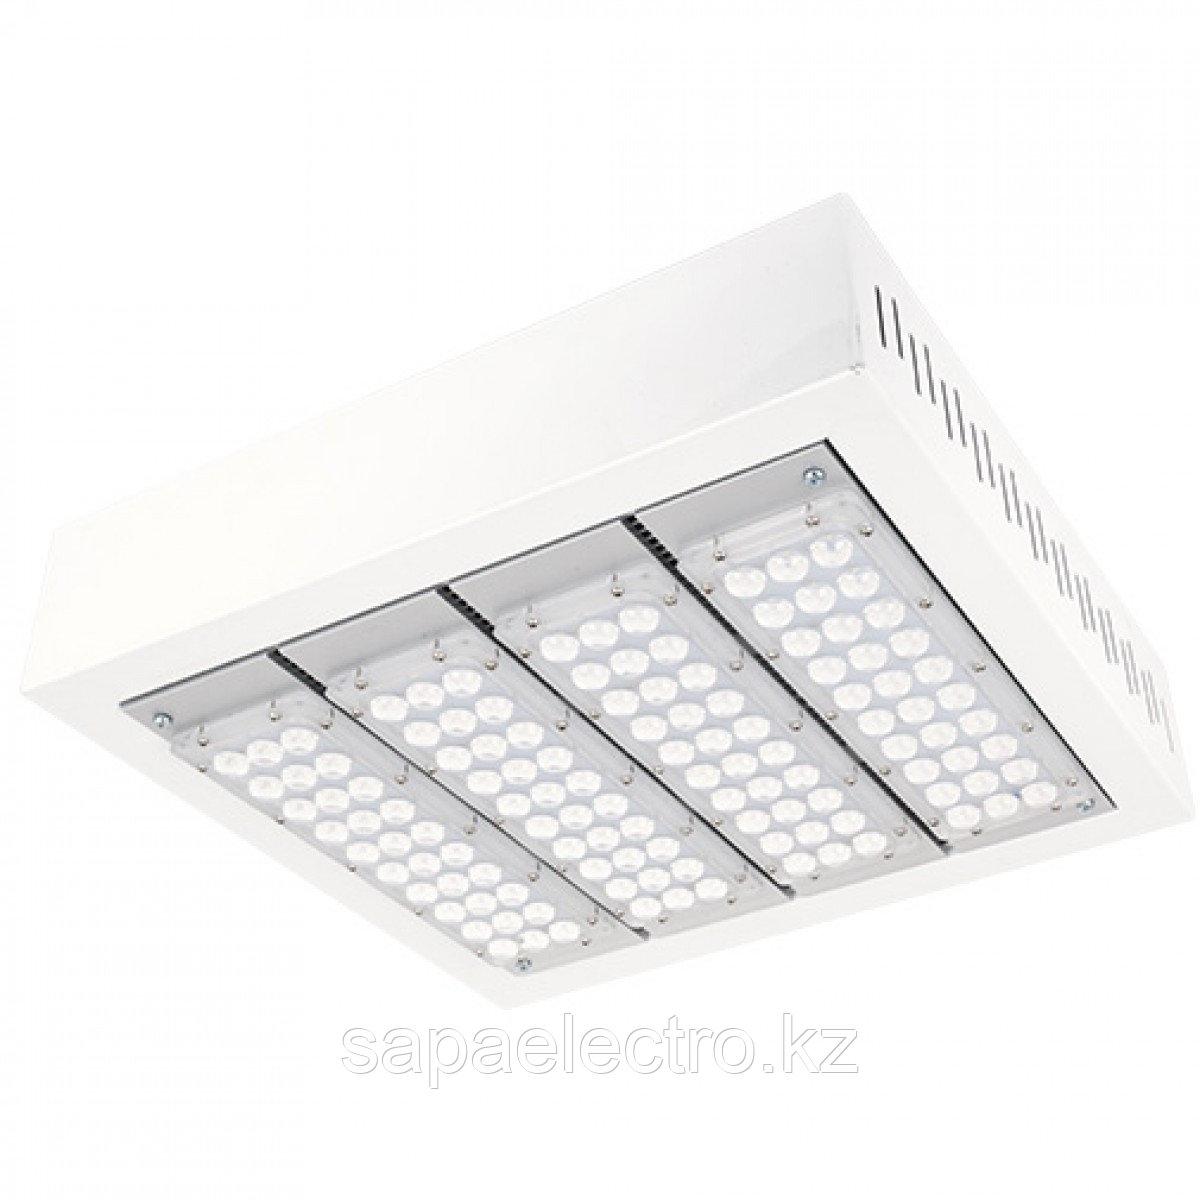 Свет-к LED AZS 120W S/A  MEGALUX (TS)2шт